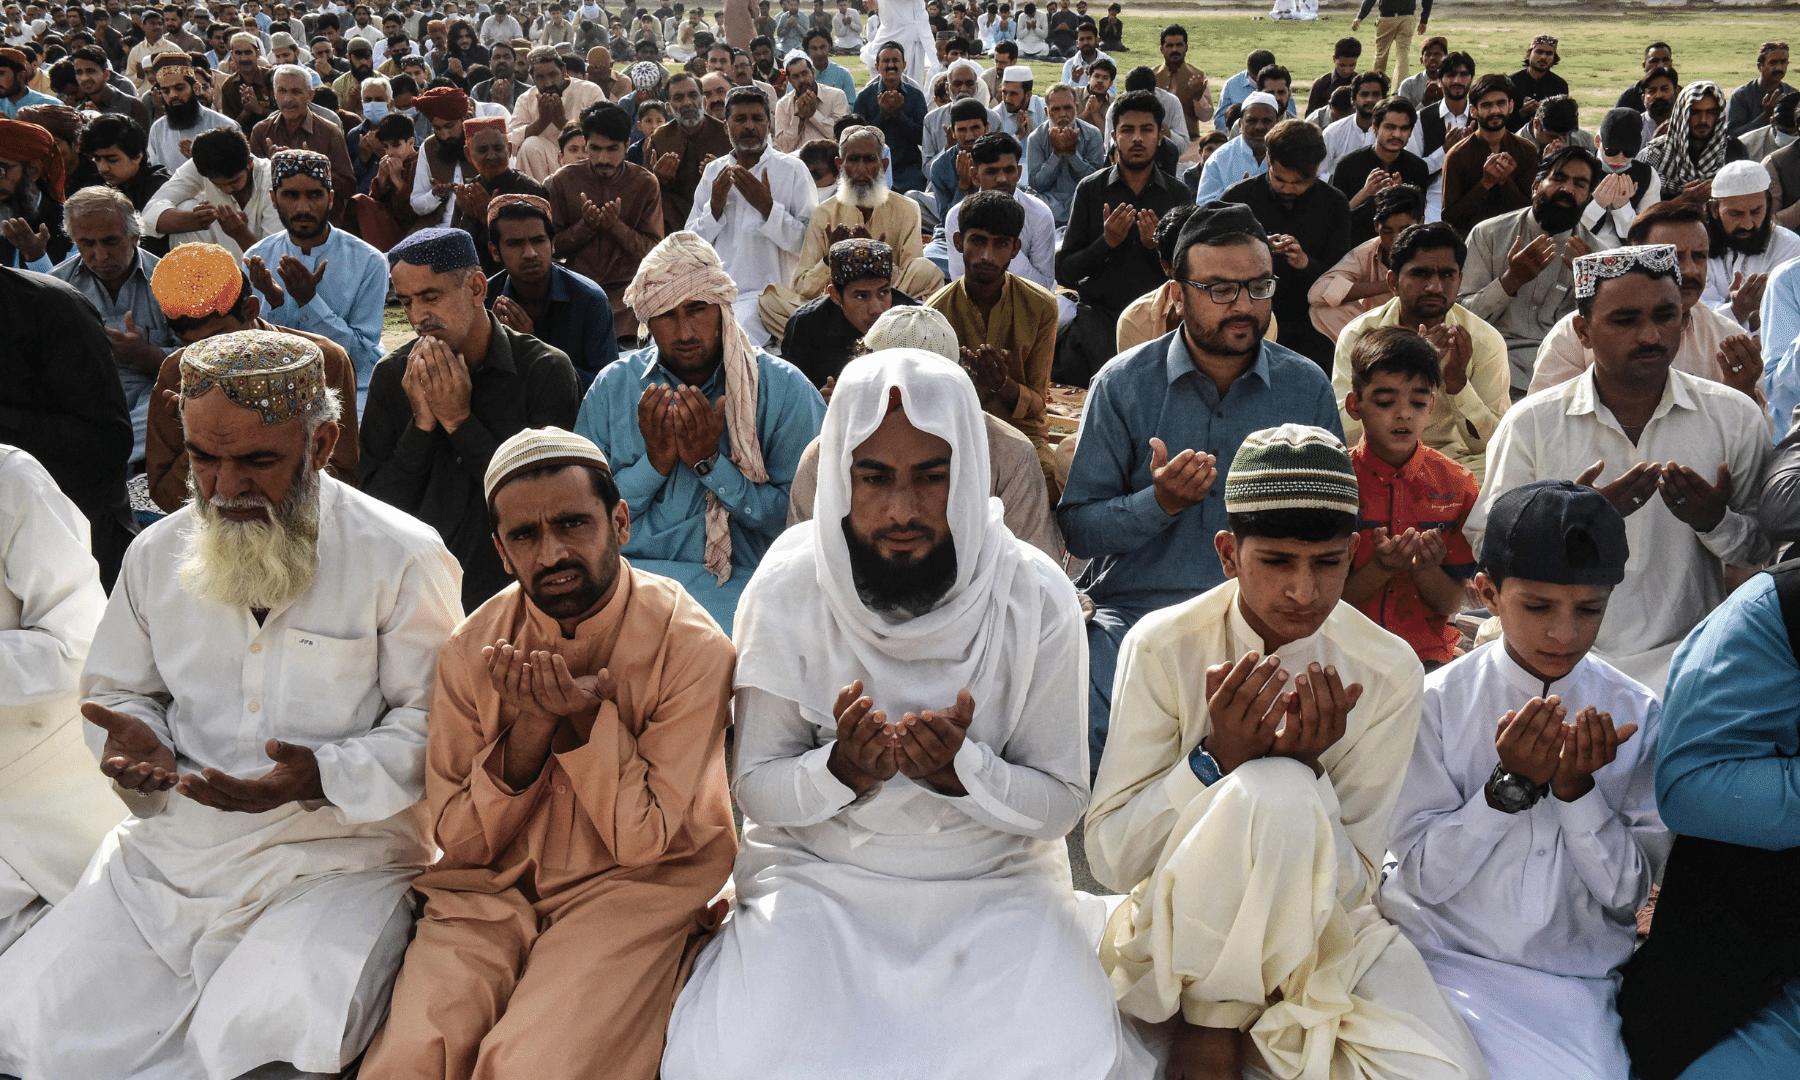 بلوچستان کے دارالحکومت کوئٹہ کی مرکزی عید گاہ میں نماز عید کی ادائیگی کے بعد لوگ دعا مانگ رہے ہیں— اے ایف پی